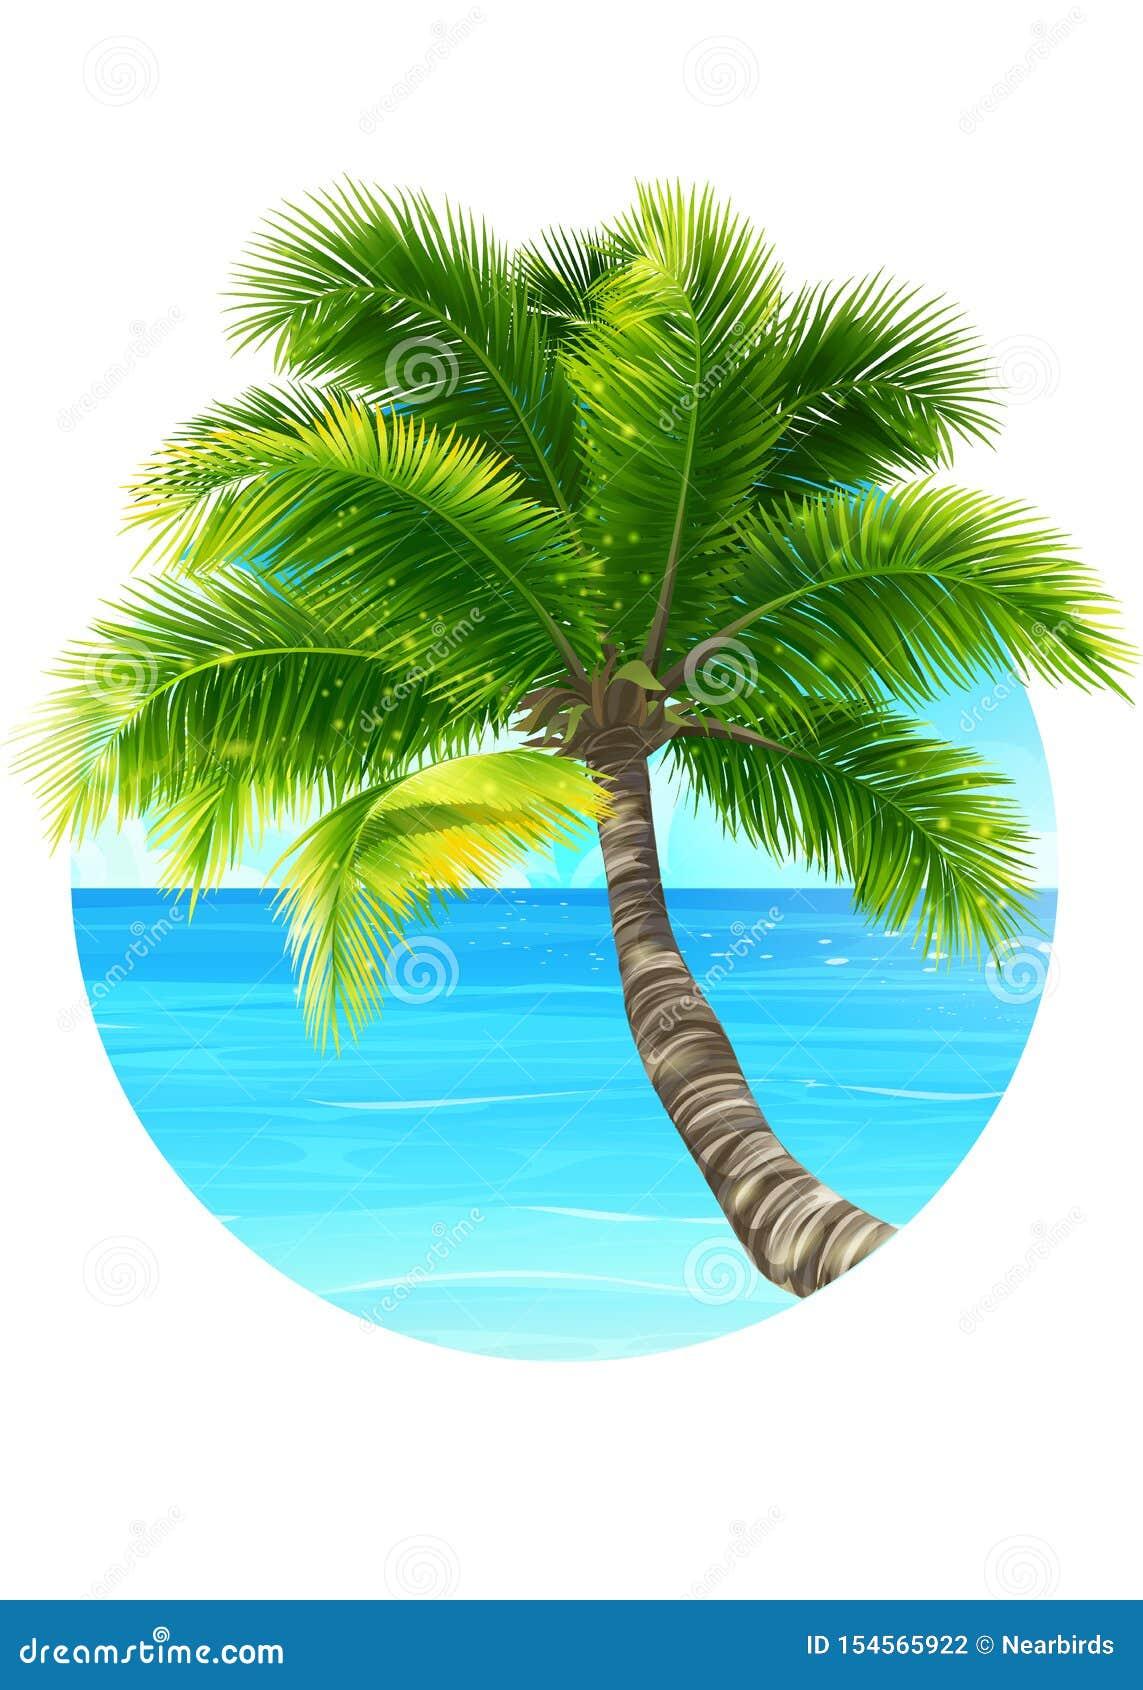 Wektorowego tła ilustracyjny drzewko palmowe i ocean